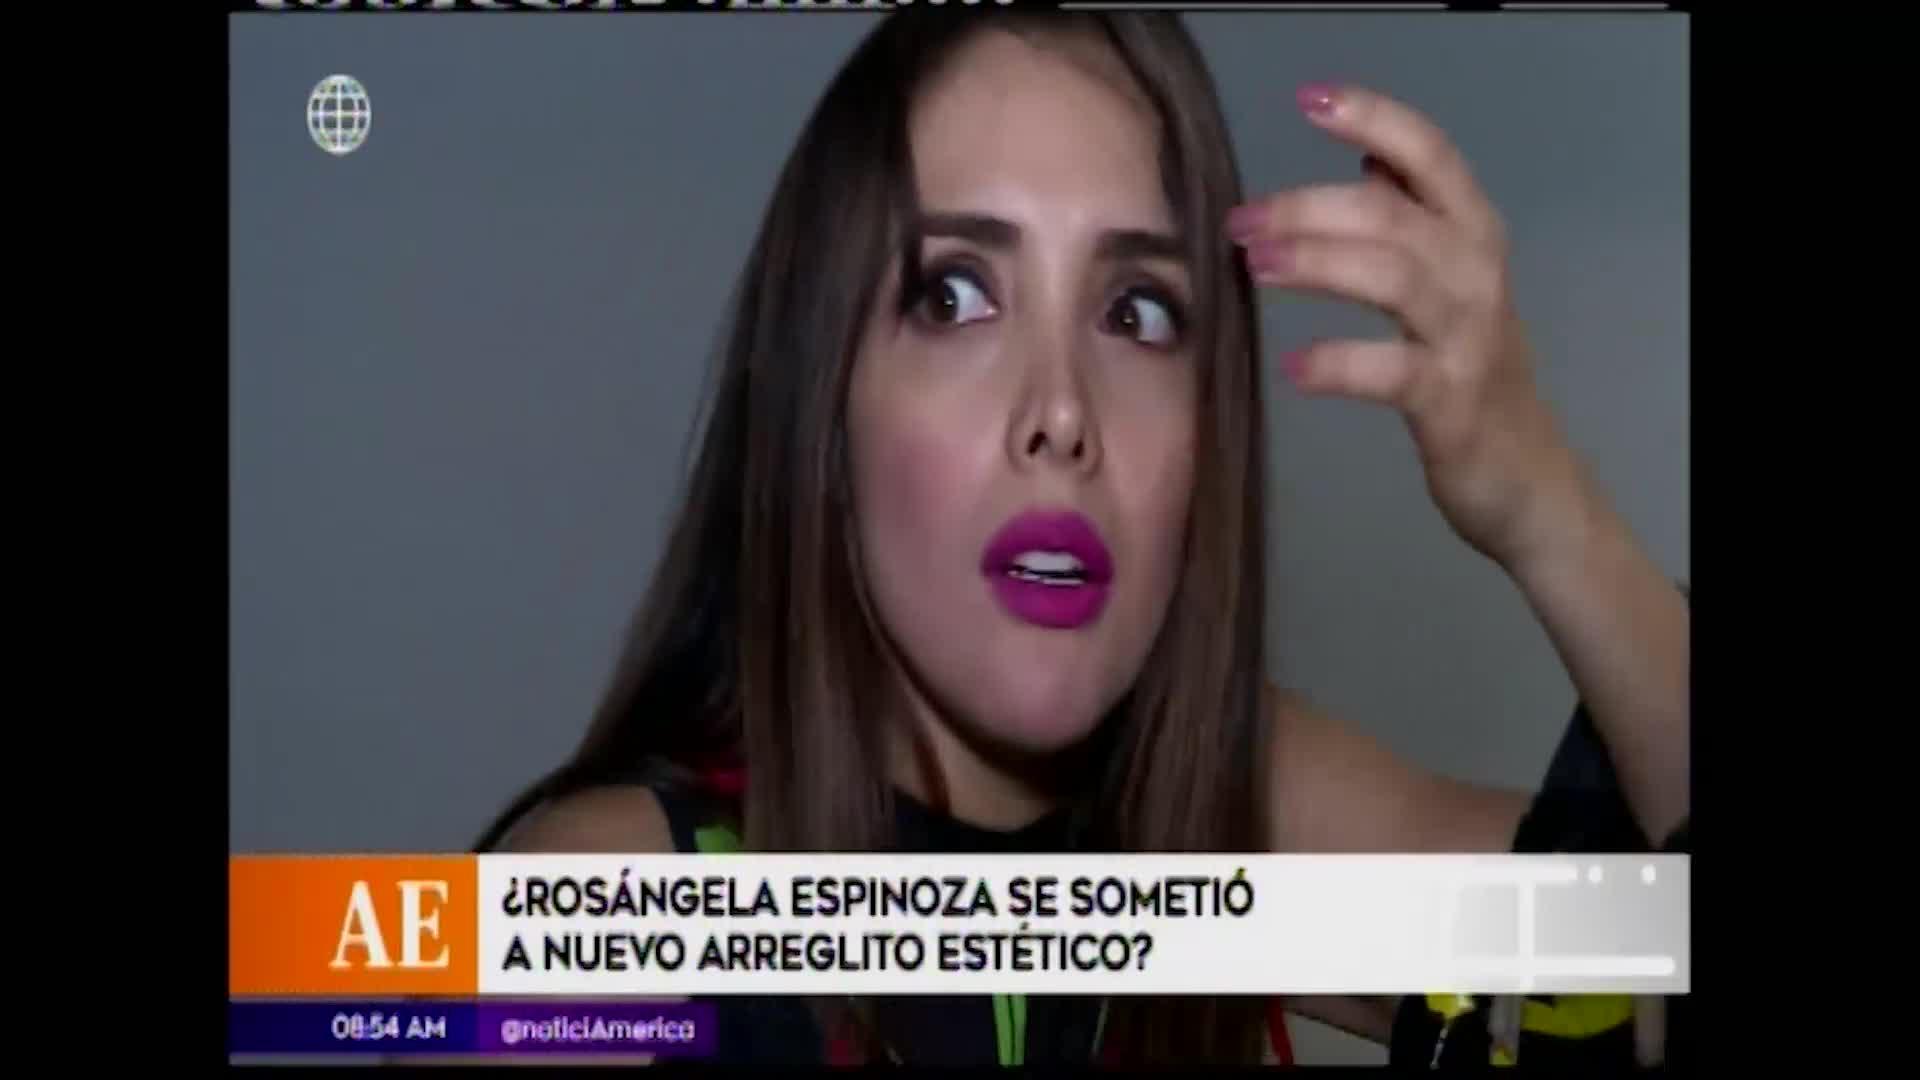 Esto es guerra: Rosángela Espinoza anunció que se someterá a nueva cirugía plástica